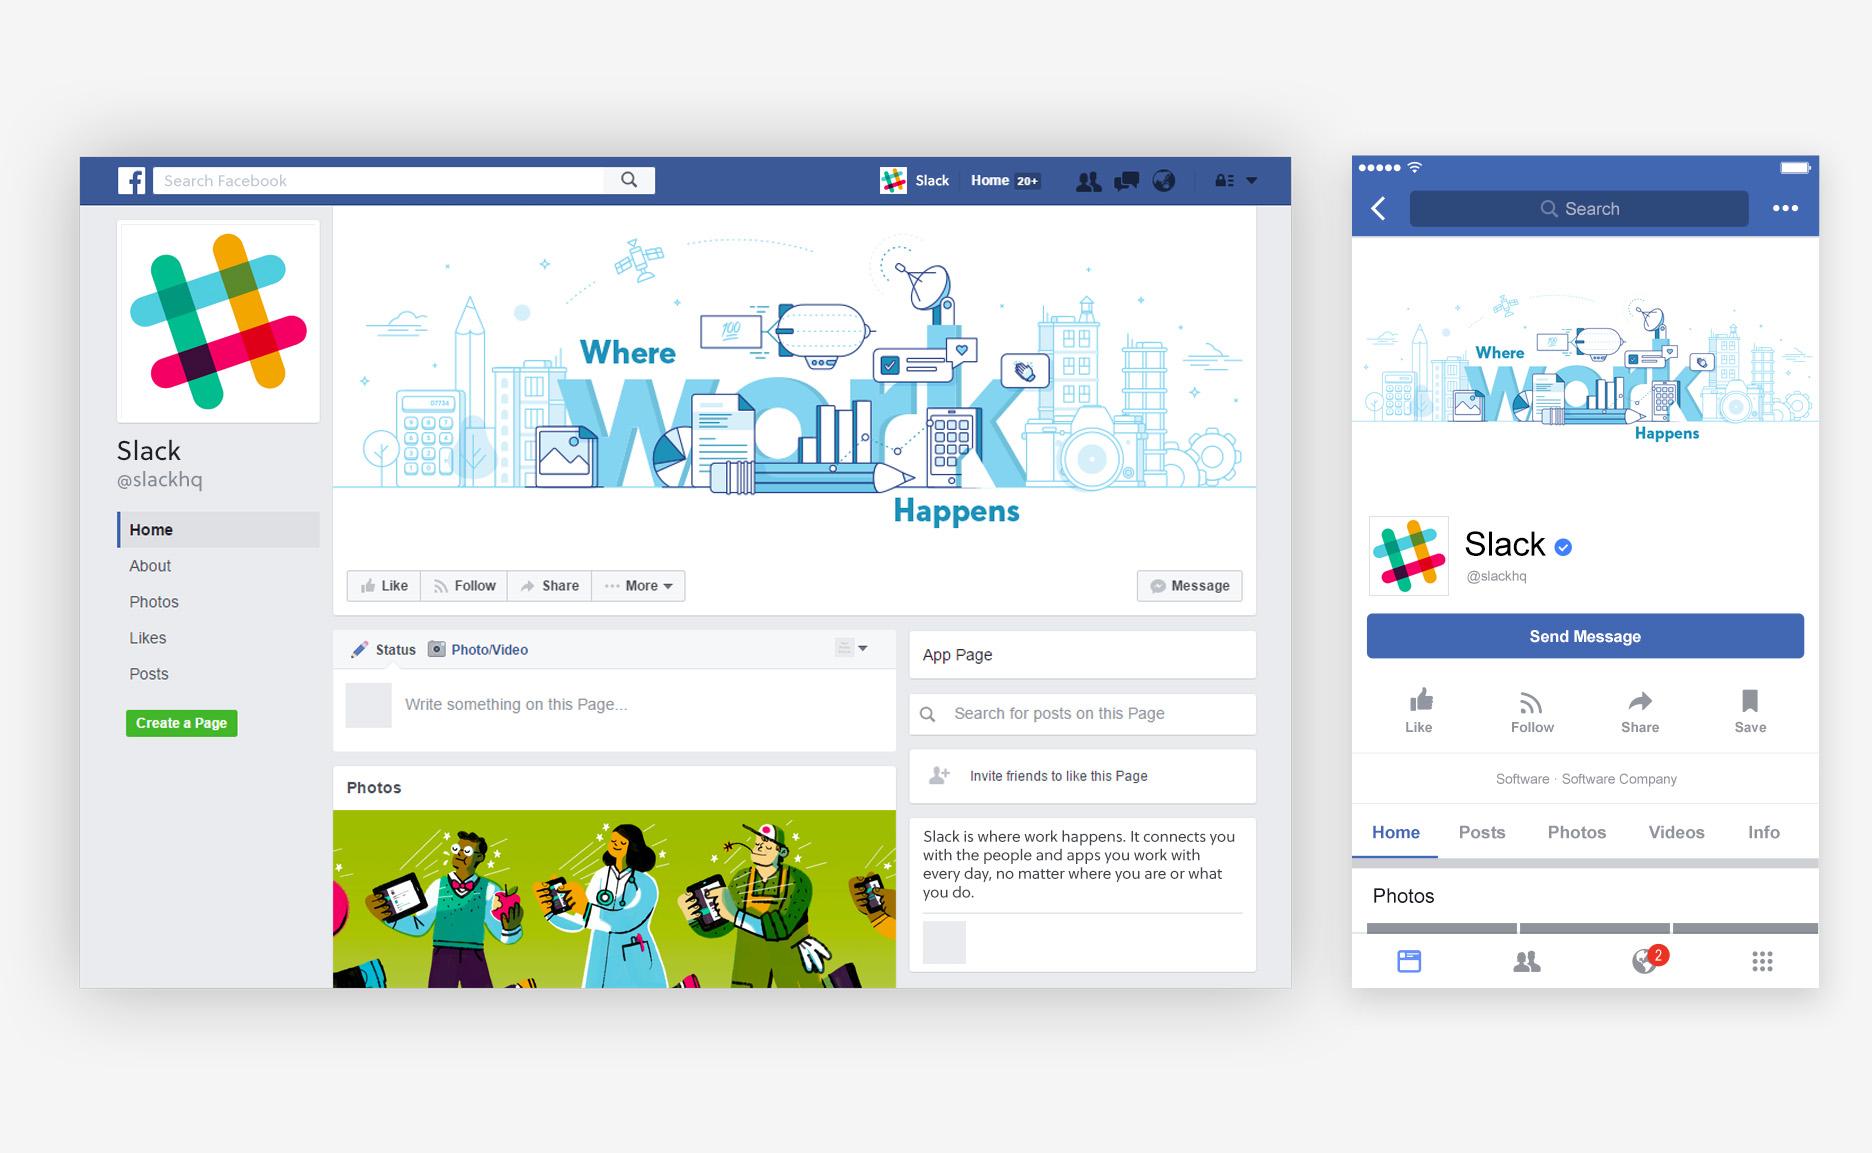 slack where work happens facebook mockup